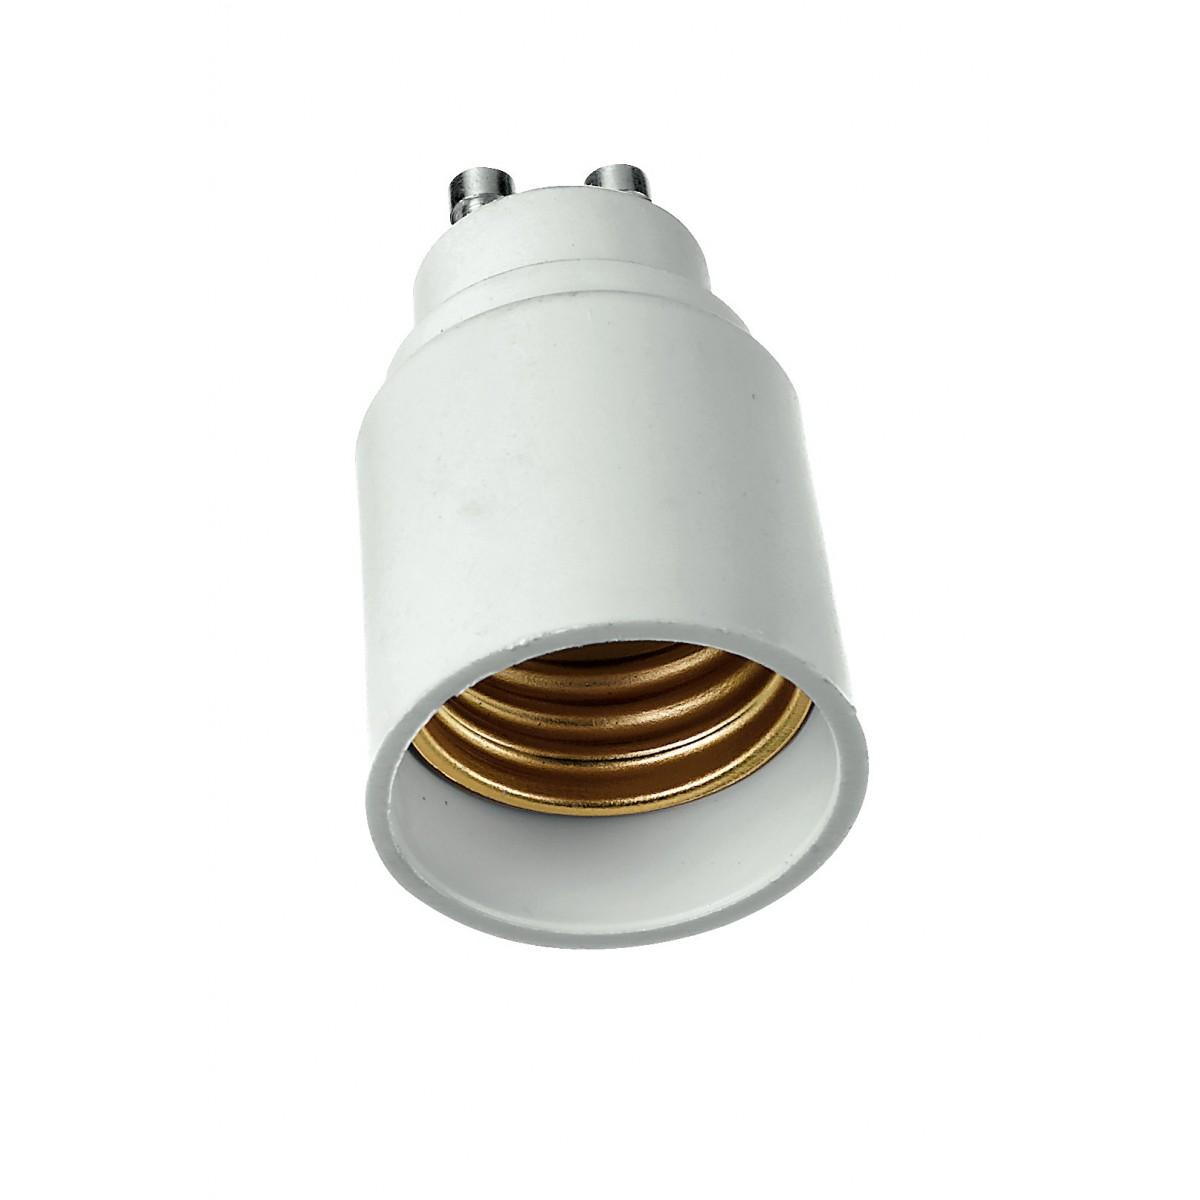 ADAPTER-GU10-E27 - Adaptateur de GU10 à E27